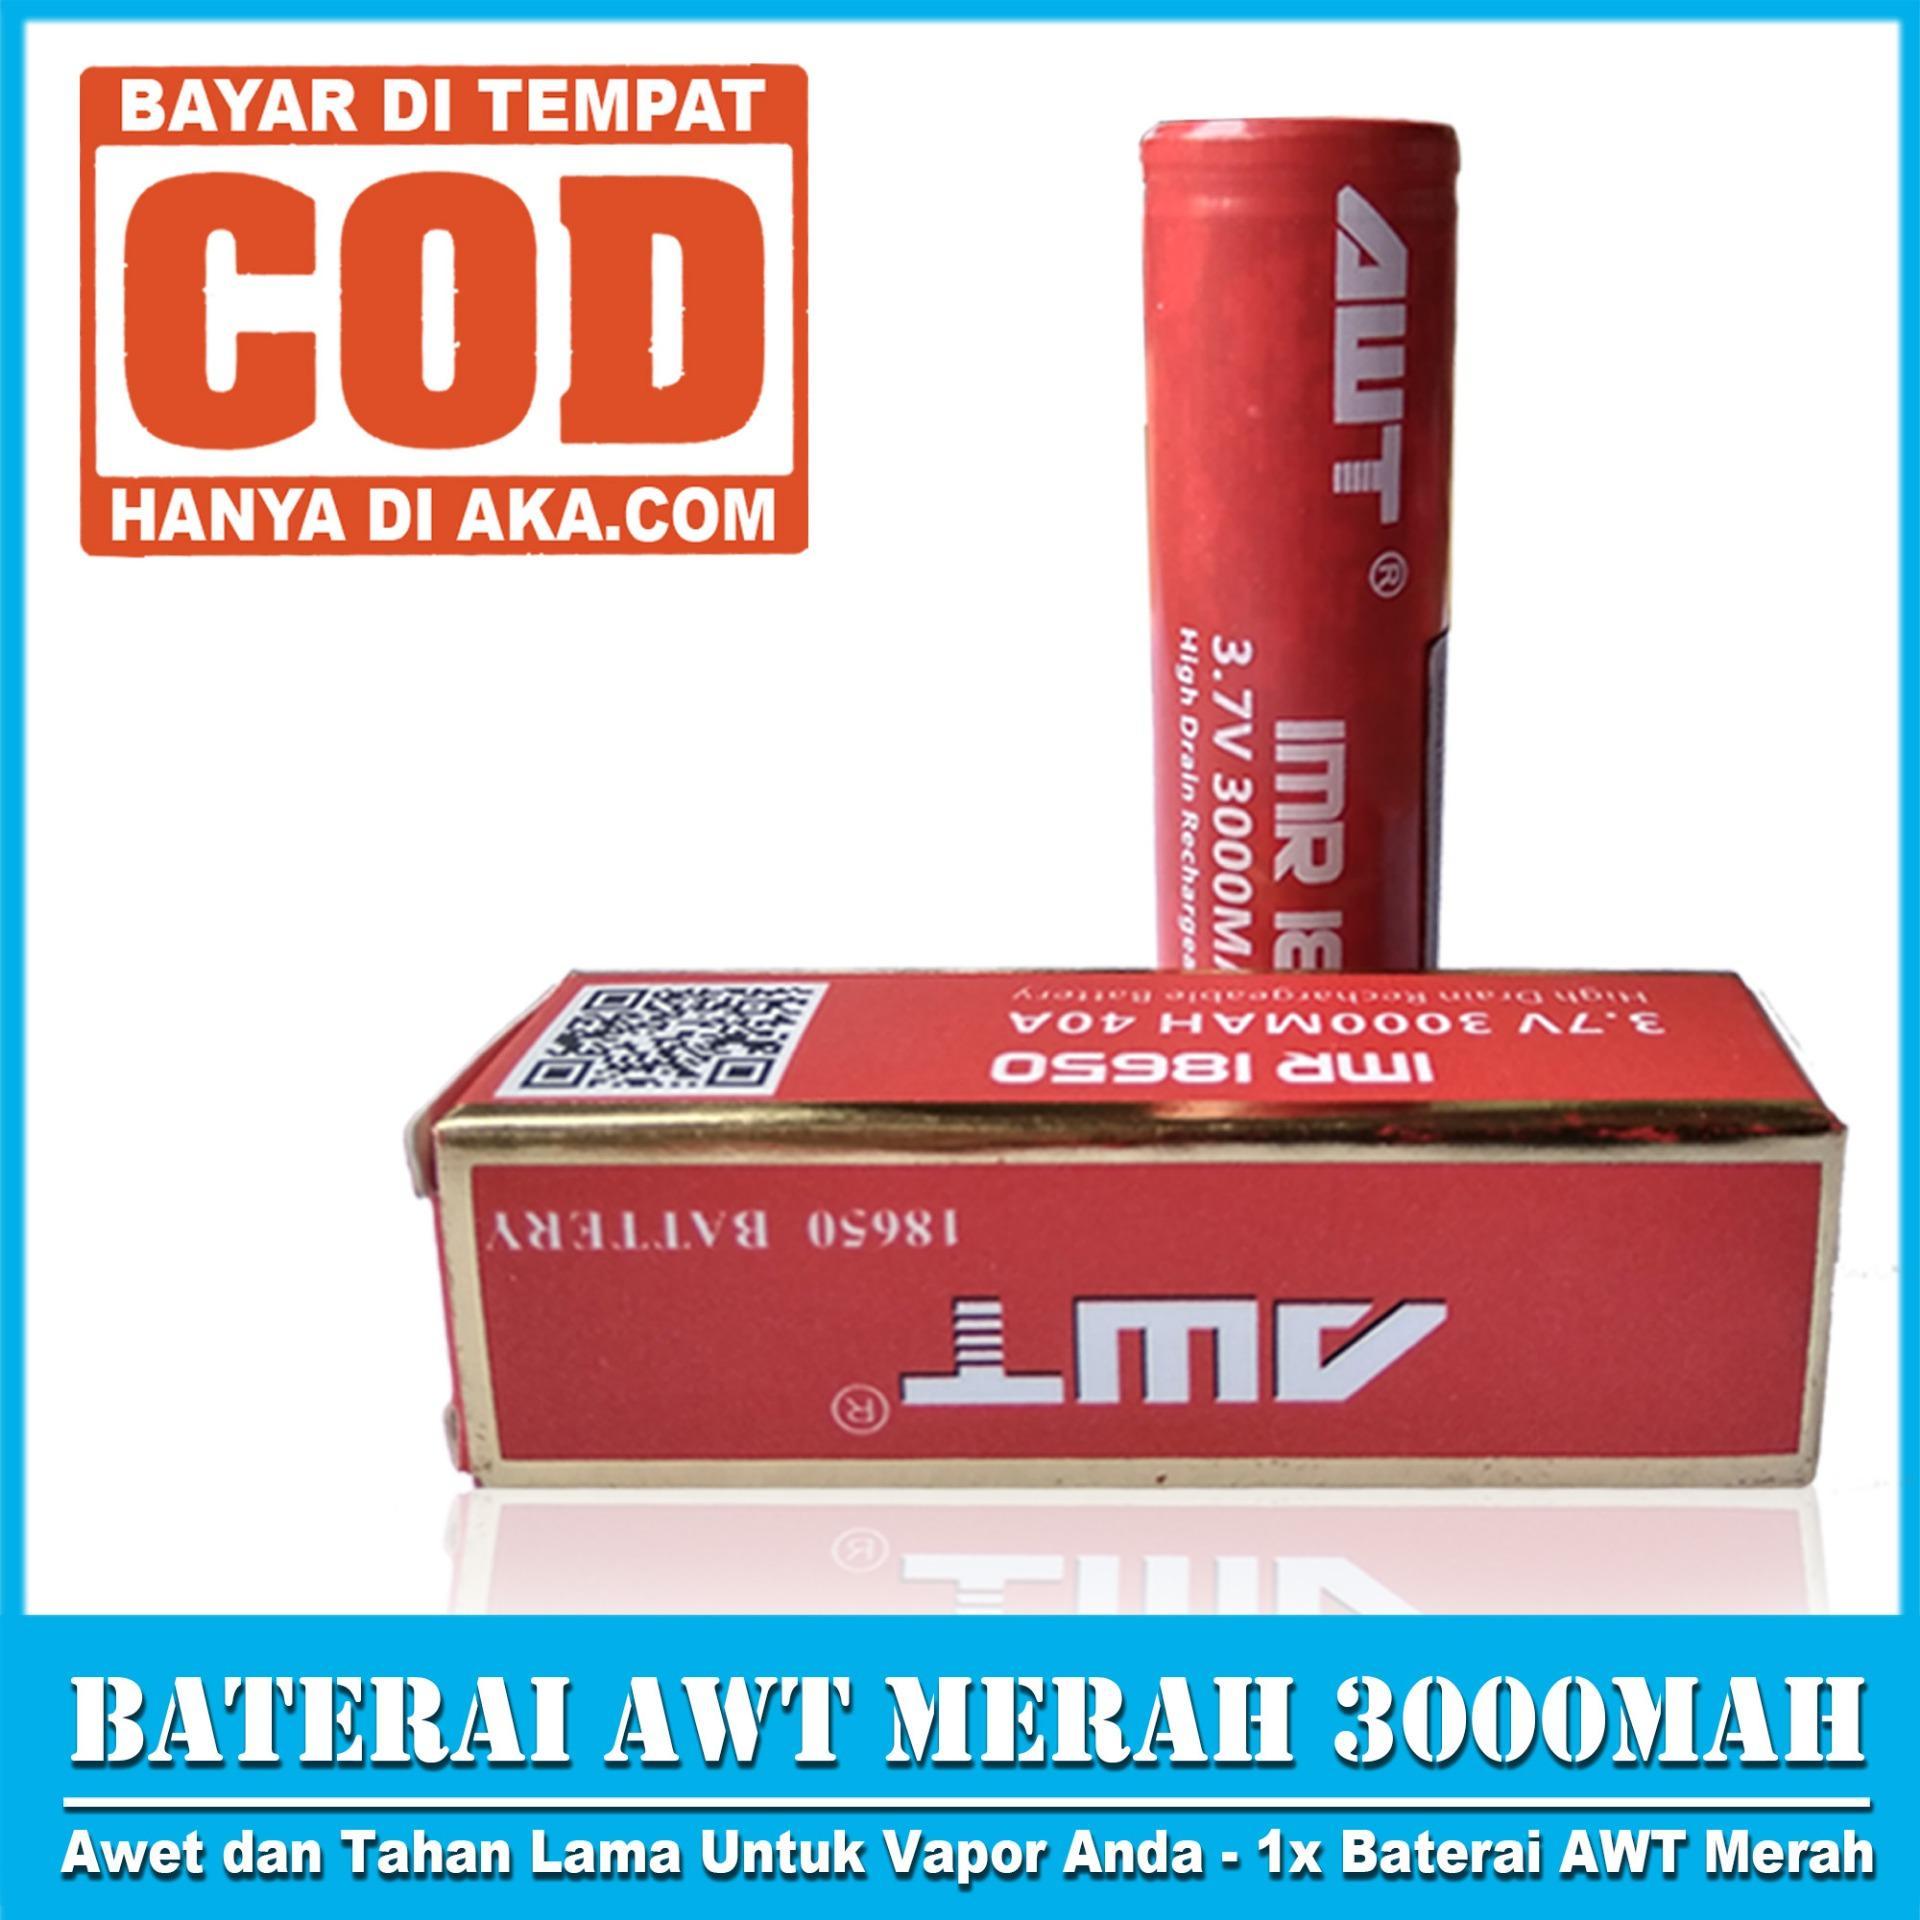 ... Baterai AWT MERAH IMR 18650 3000 Mah 3 7V 40A FREE LIQUID 10ML RANDOM Baterai Vapor